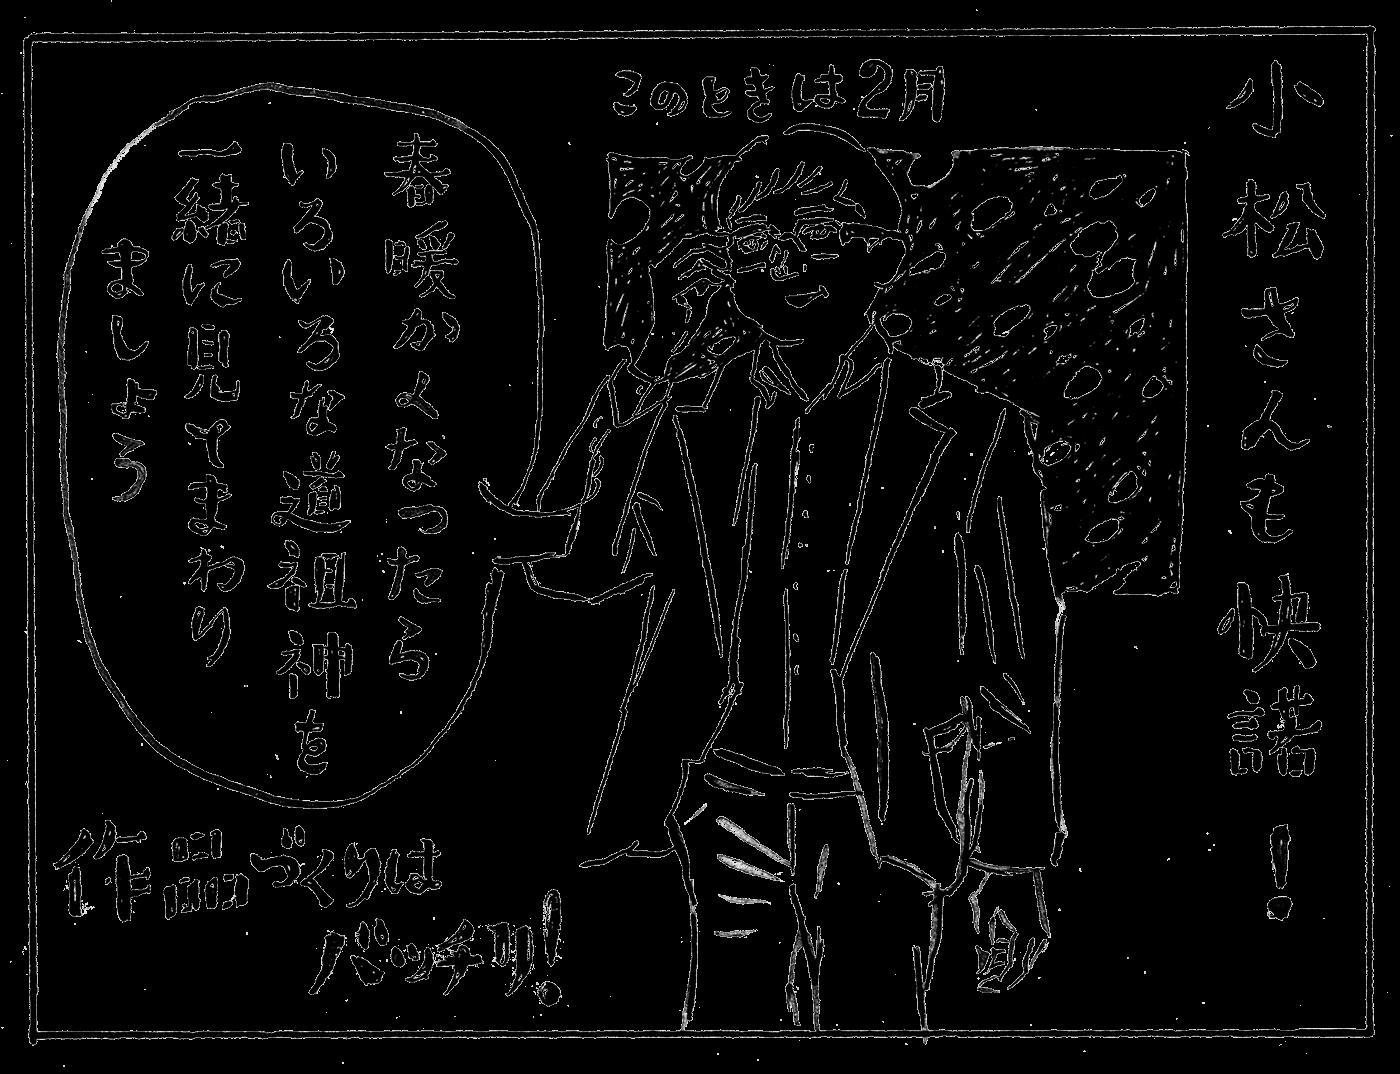 小松さんも快諾!このときは2月。春暖かくなったらいろいろ道祖神を一緒に見てまわりましょう。 作品づくりはバッチリ!